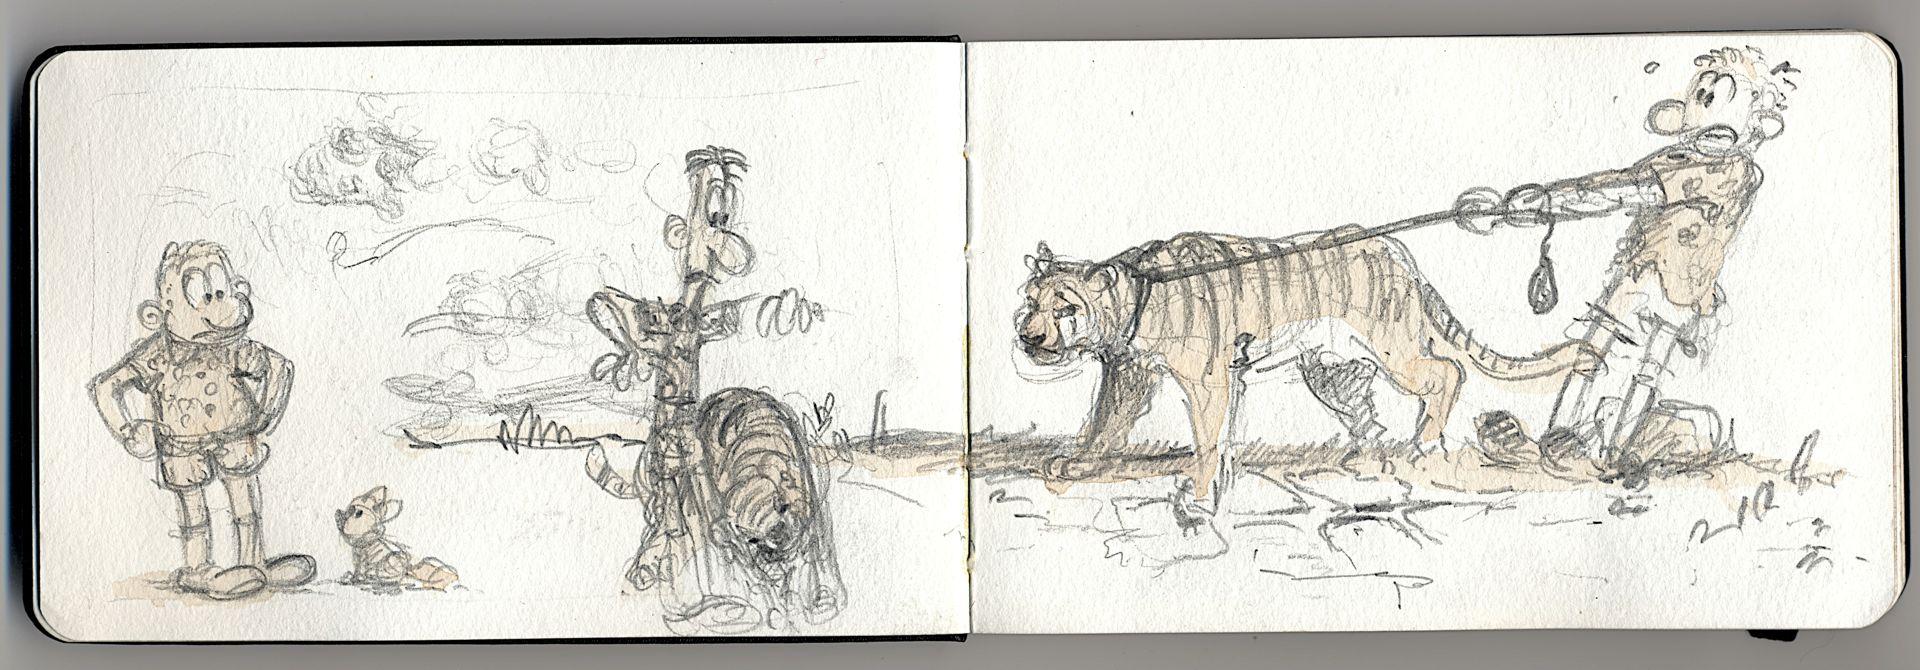 Tigers do not make good pets. But kitten do.